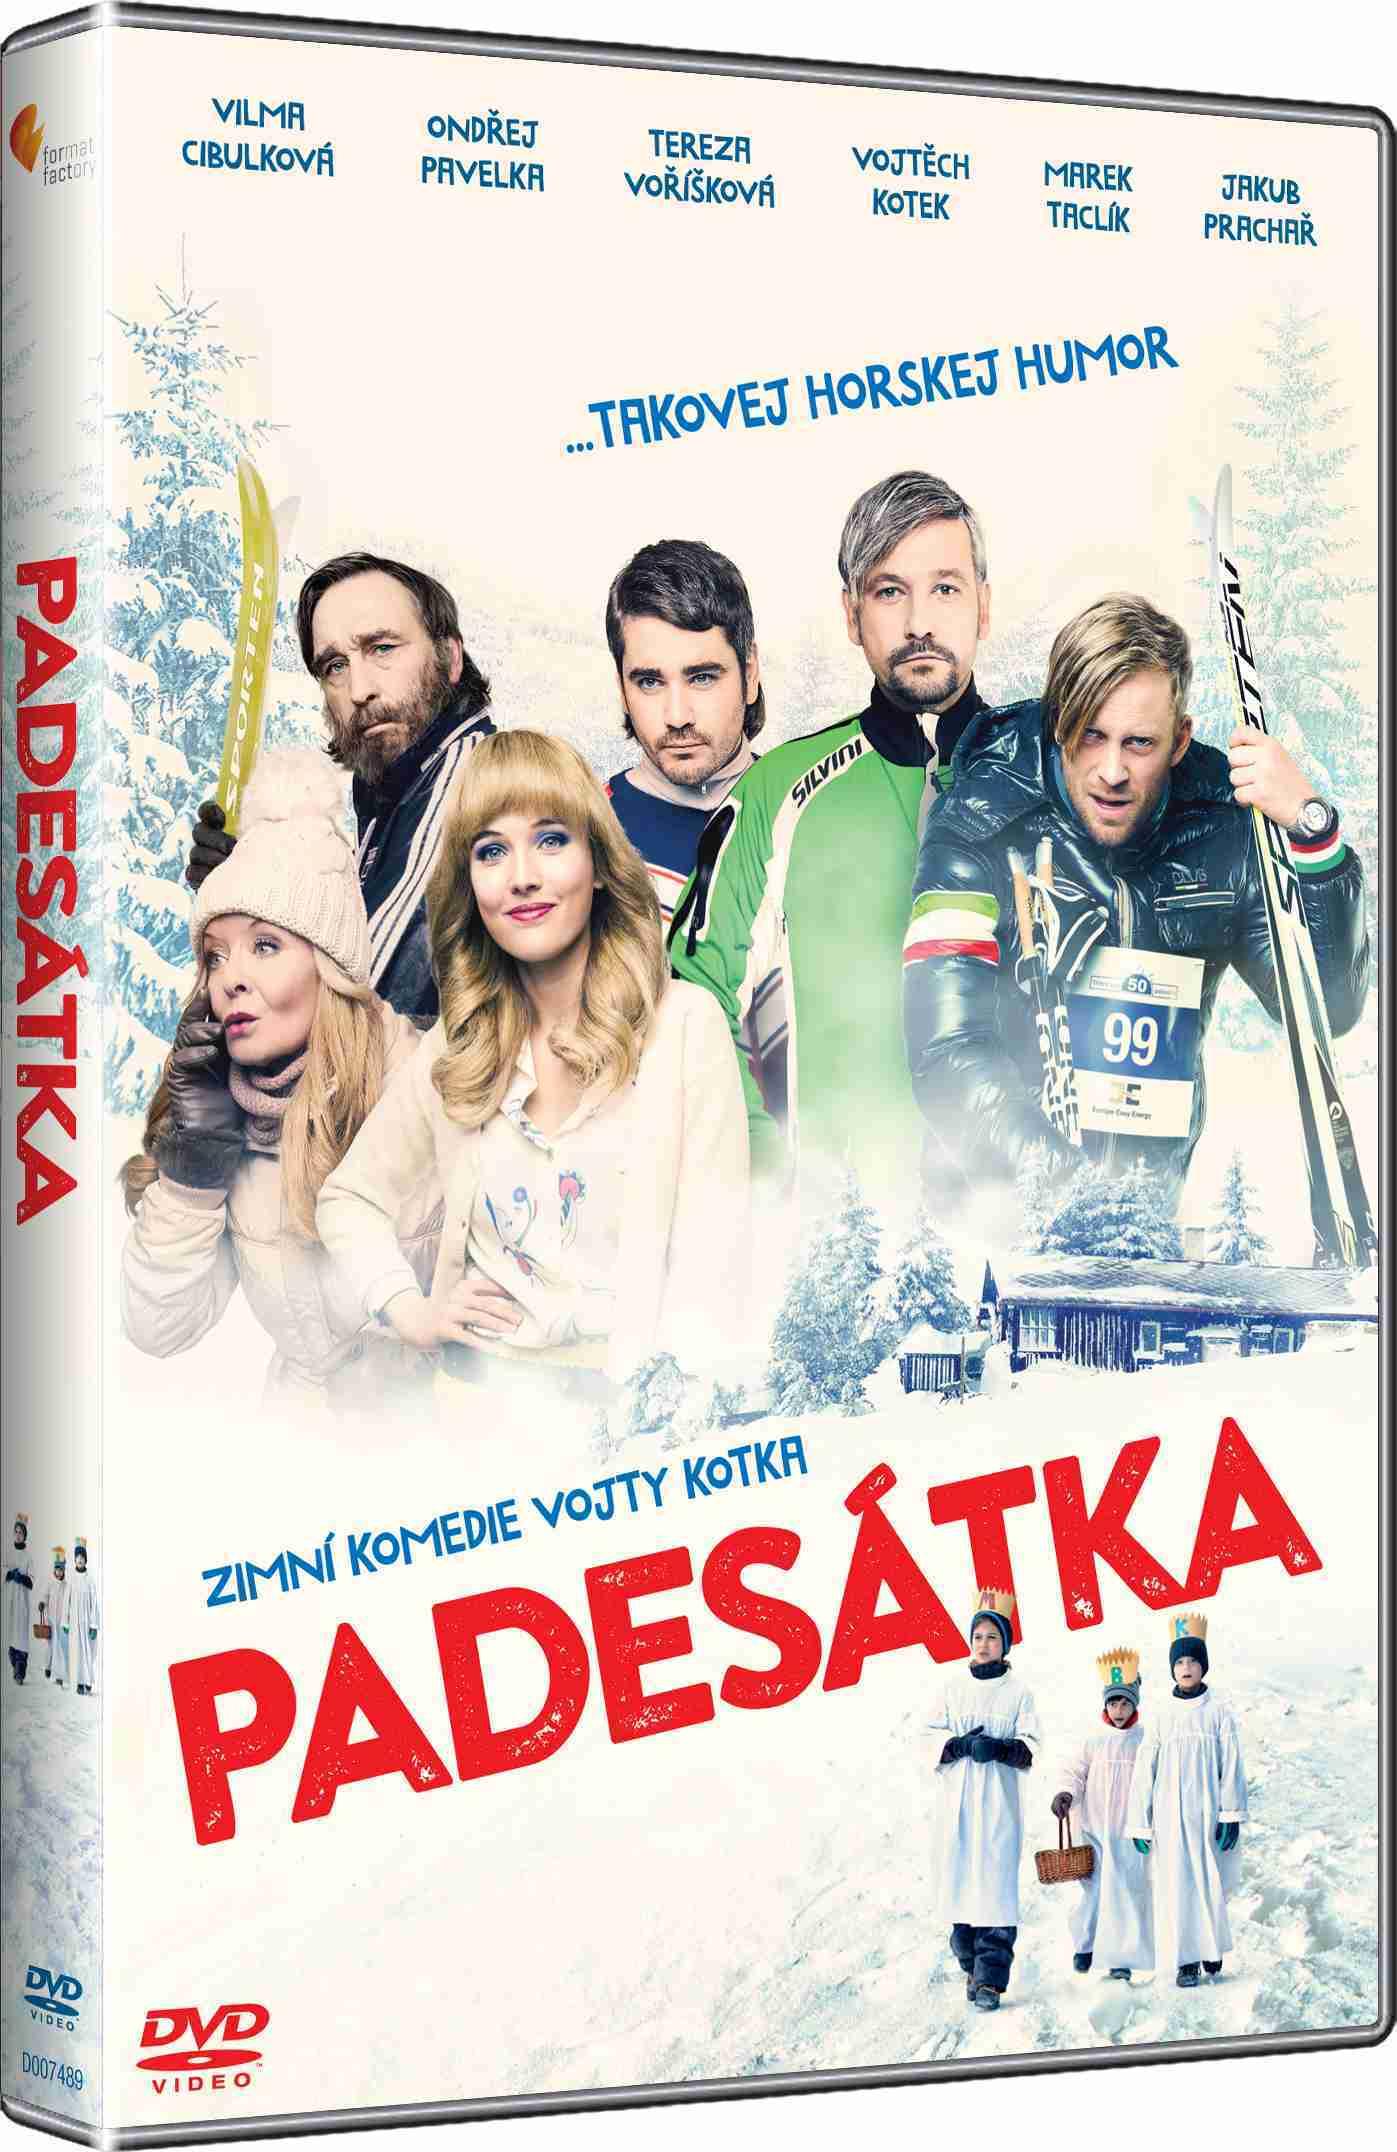 PADESÁTKA - DVD